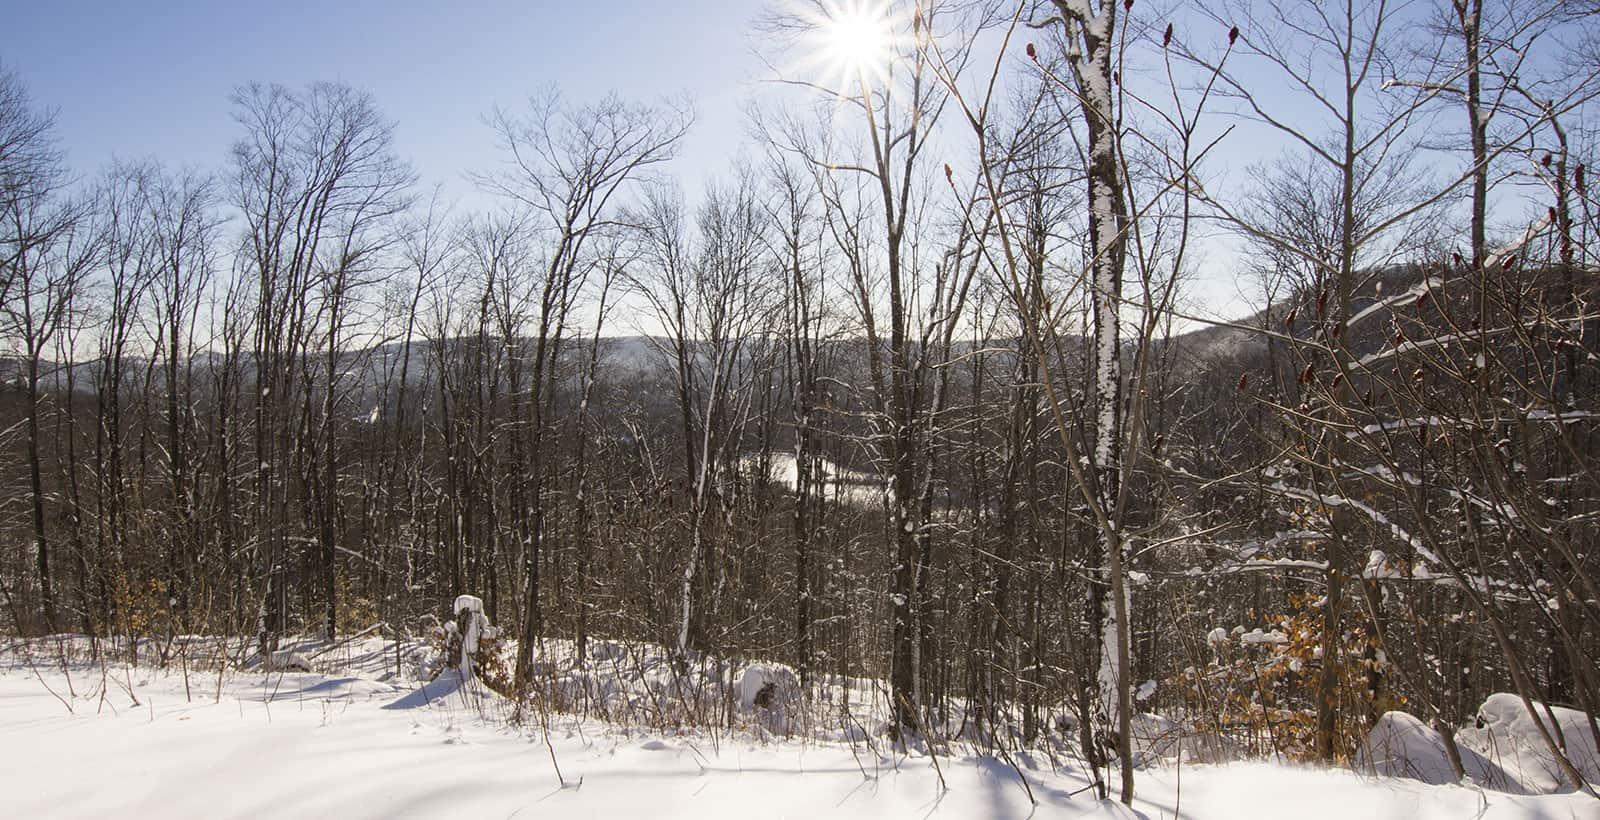 Terrain avec vue sur les montagne dans les Laurentides en hiver